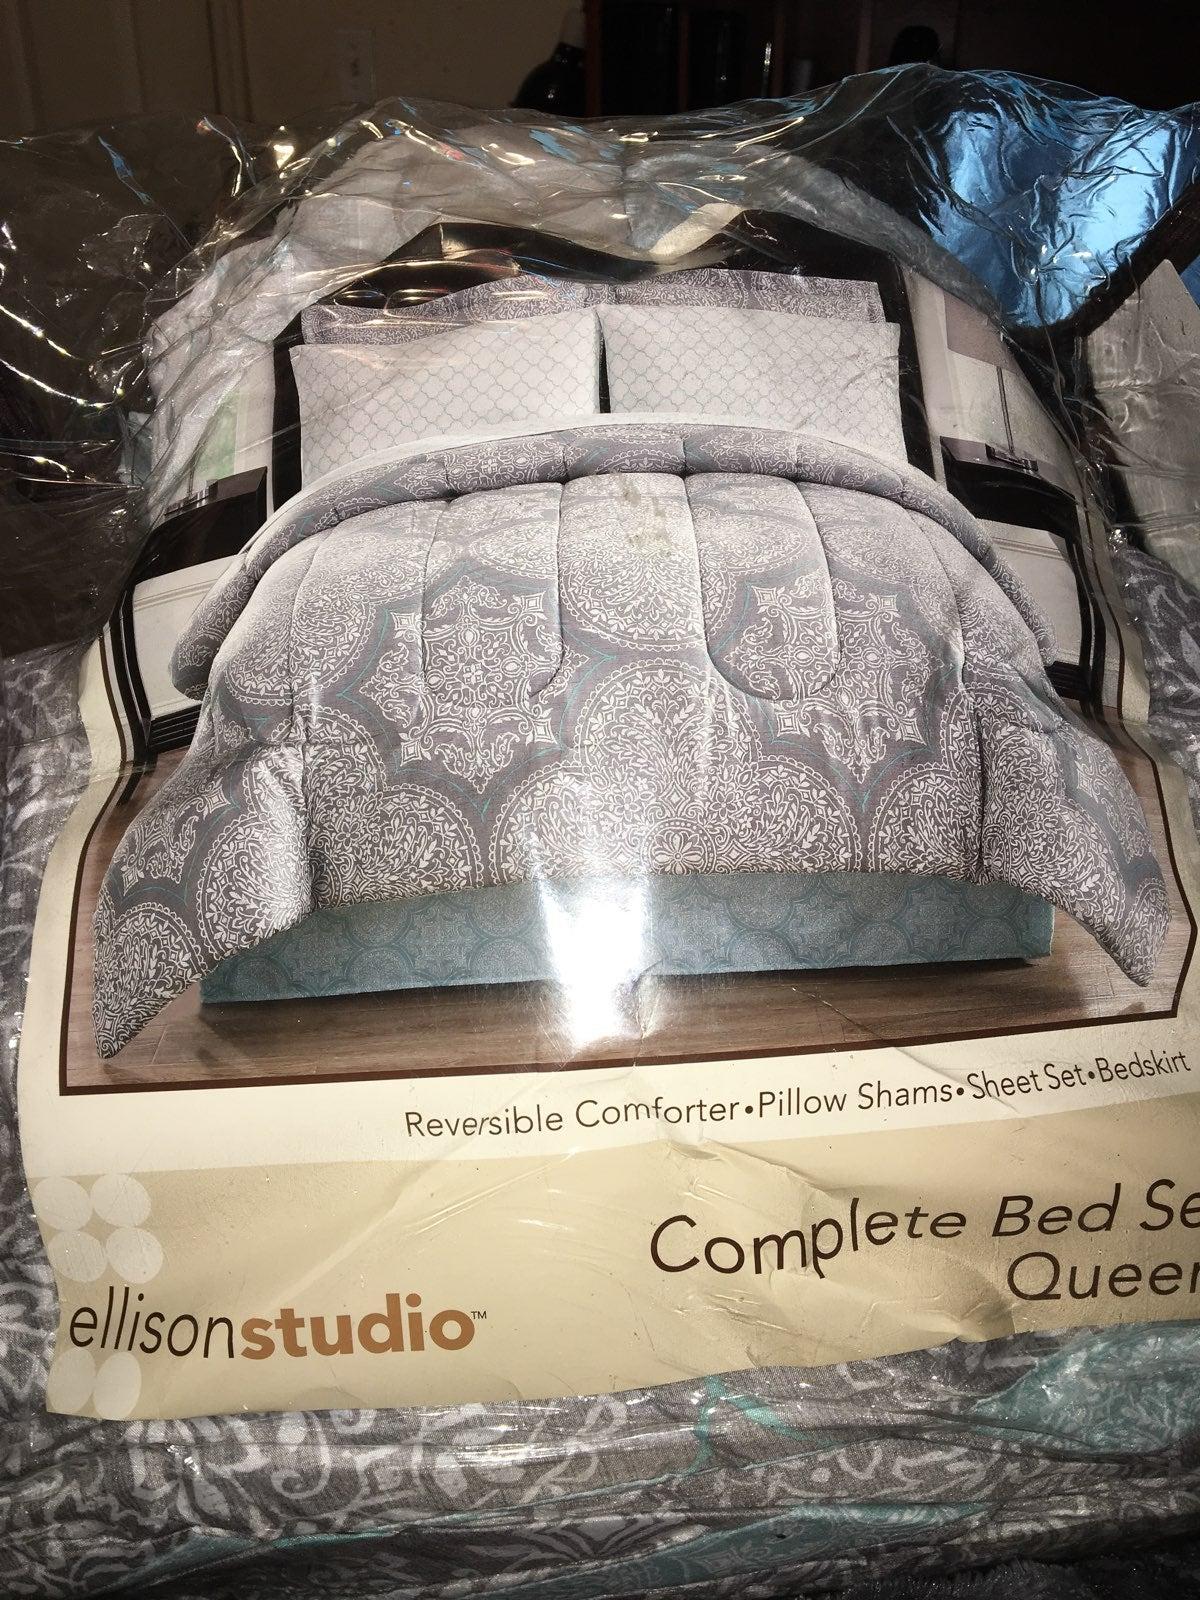 Queen Quilt, Sheet & Bedskirt